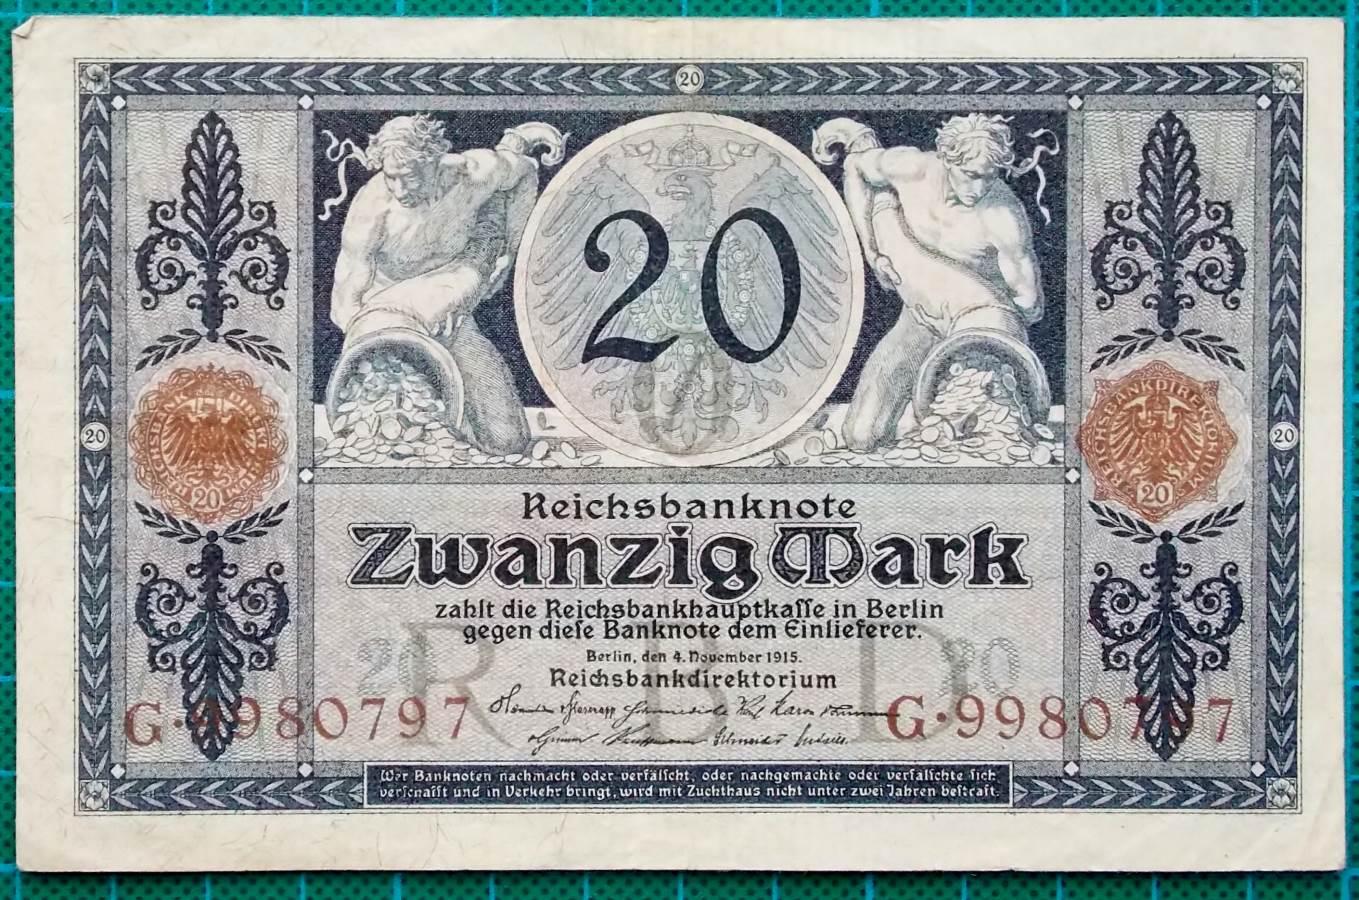 1915 REICHSBANKNOTE 20 REICHSMARK G9980797